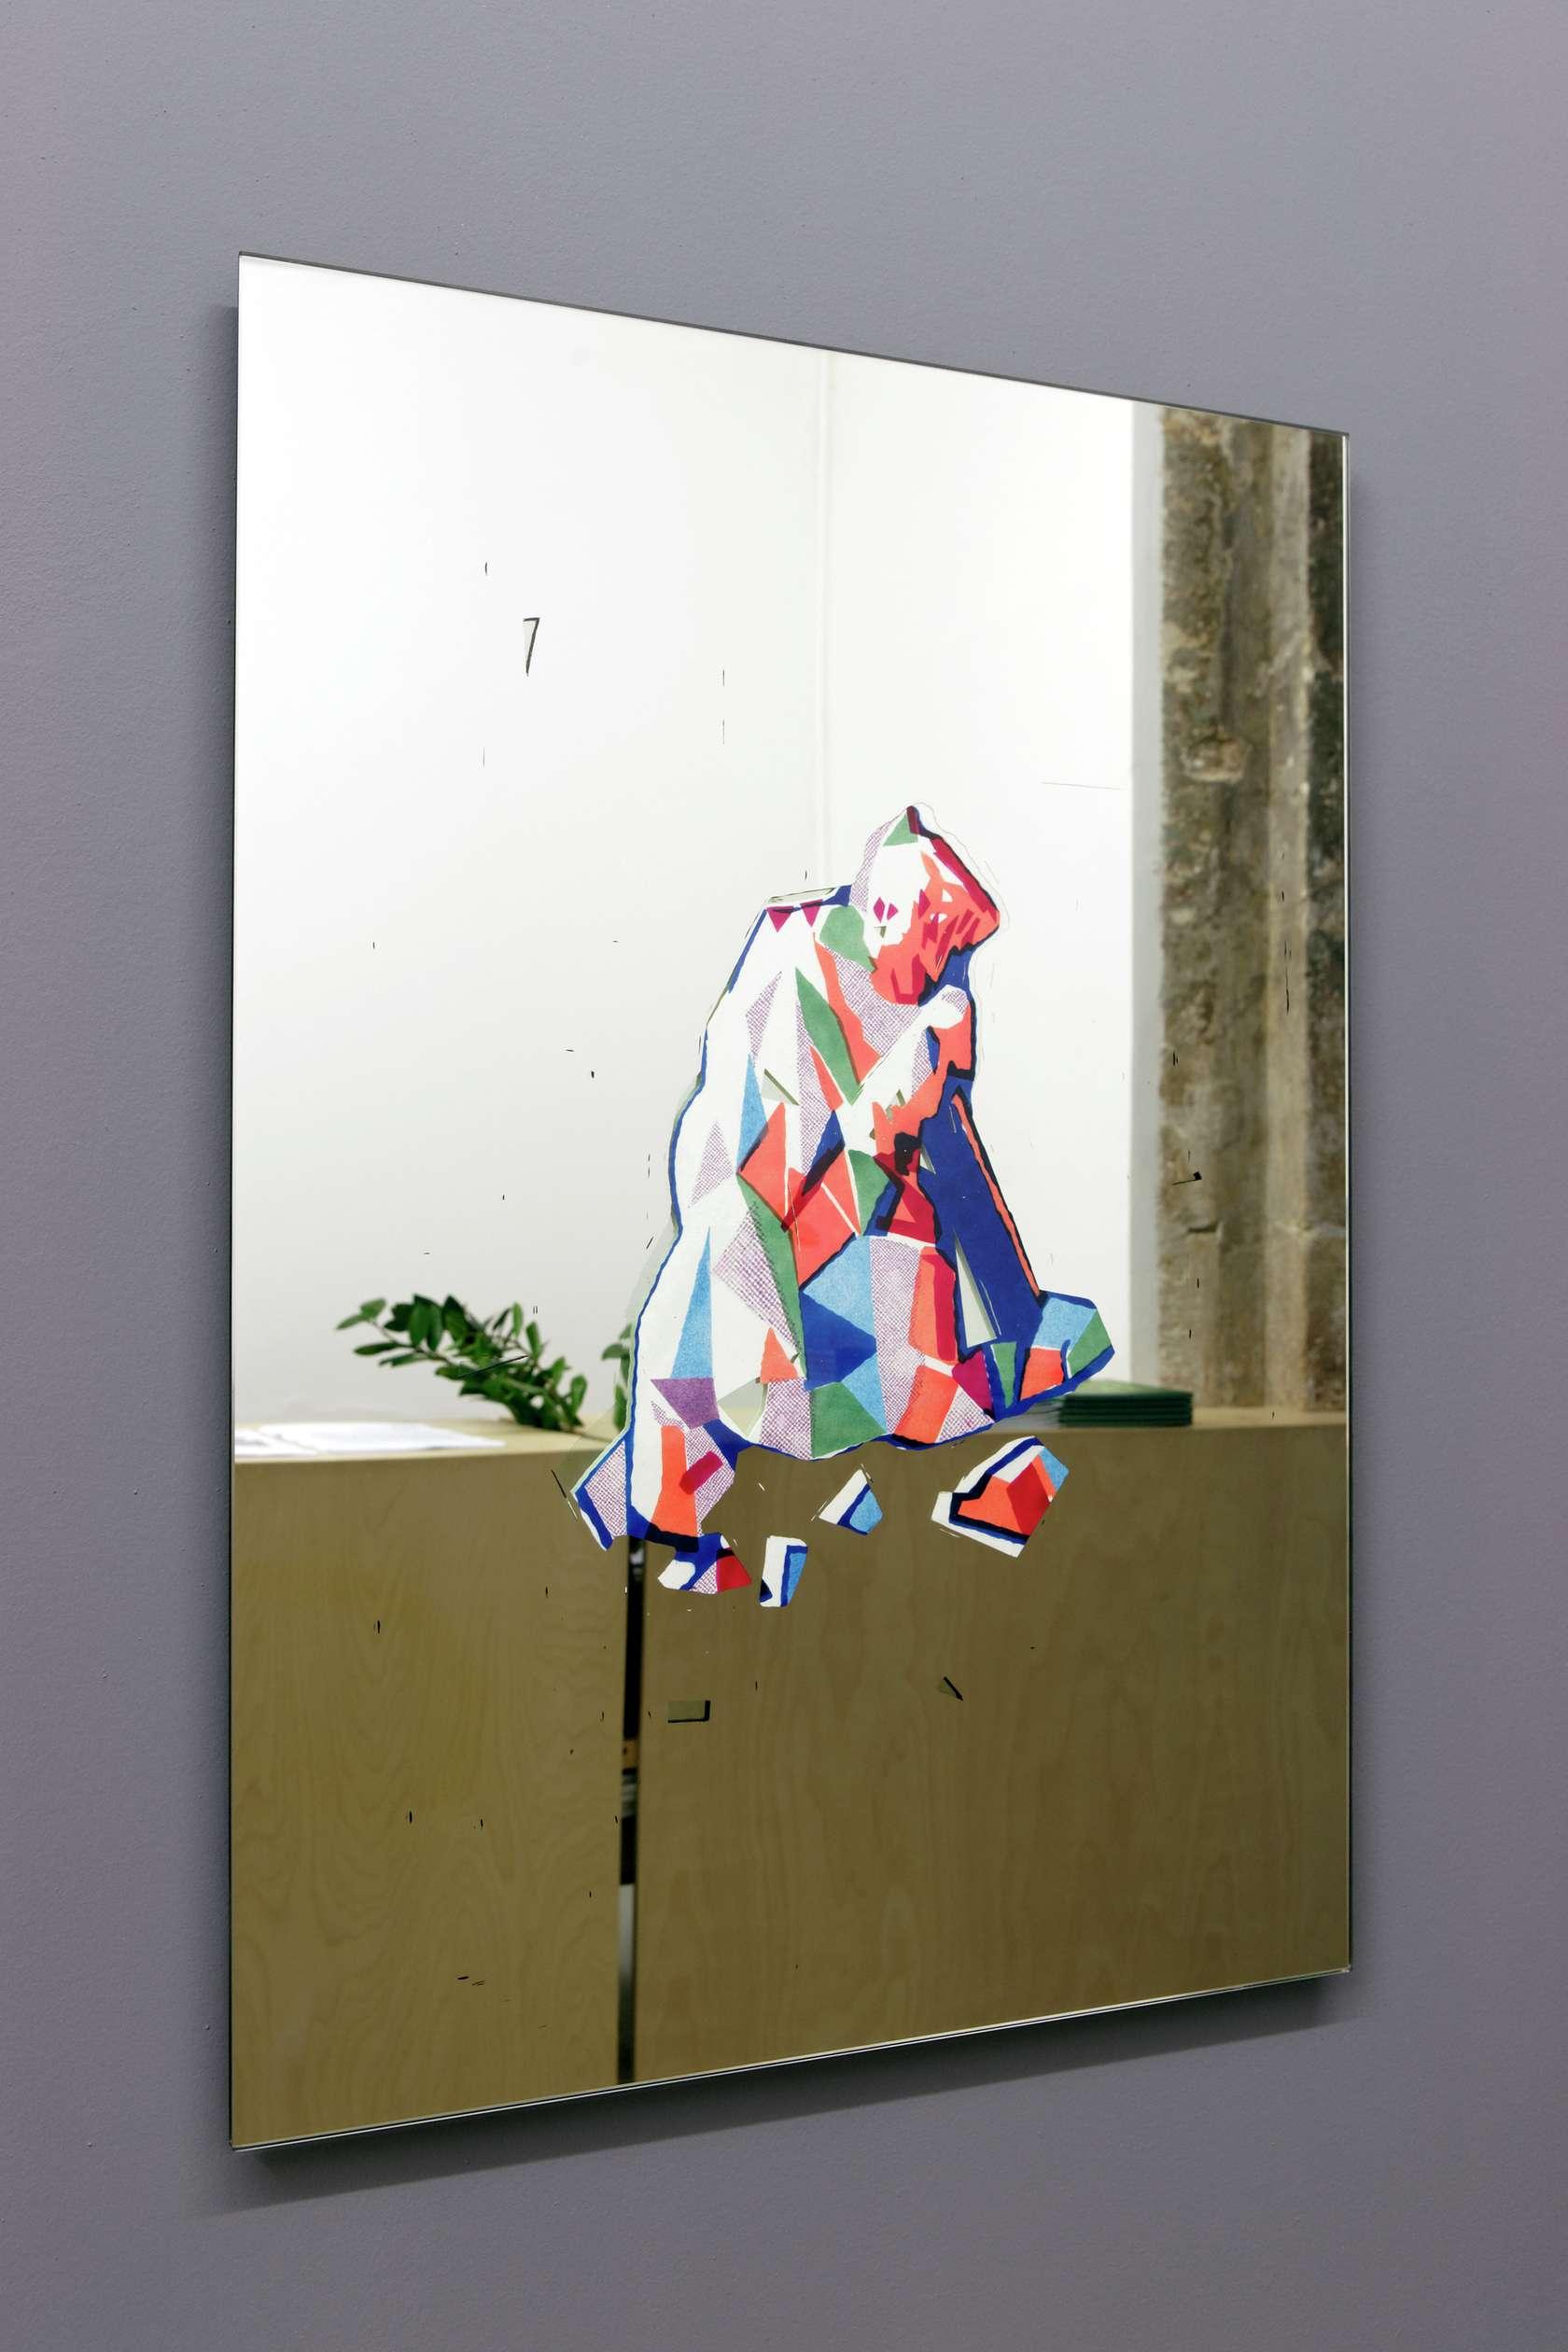 Guillaume Dégé, documentation céline duval, Sébastien Gouju, Thomas Lanfranchi & Julien Tiberi, Une guêpe dans le K-Way 23 juin  — 22 juillet 2012